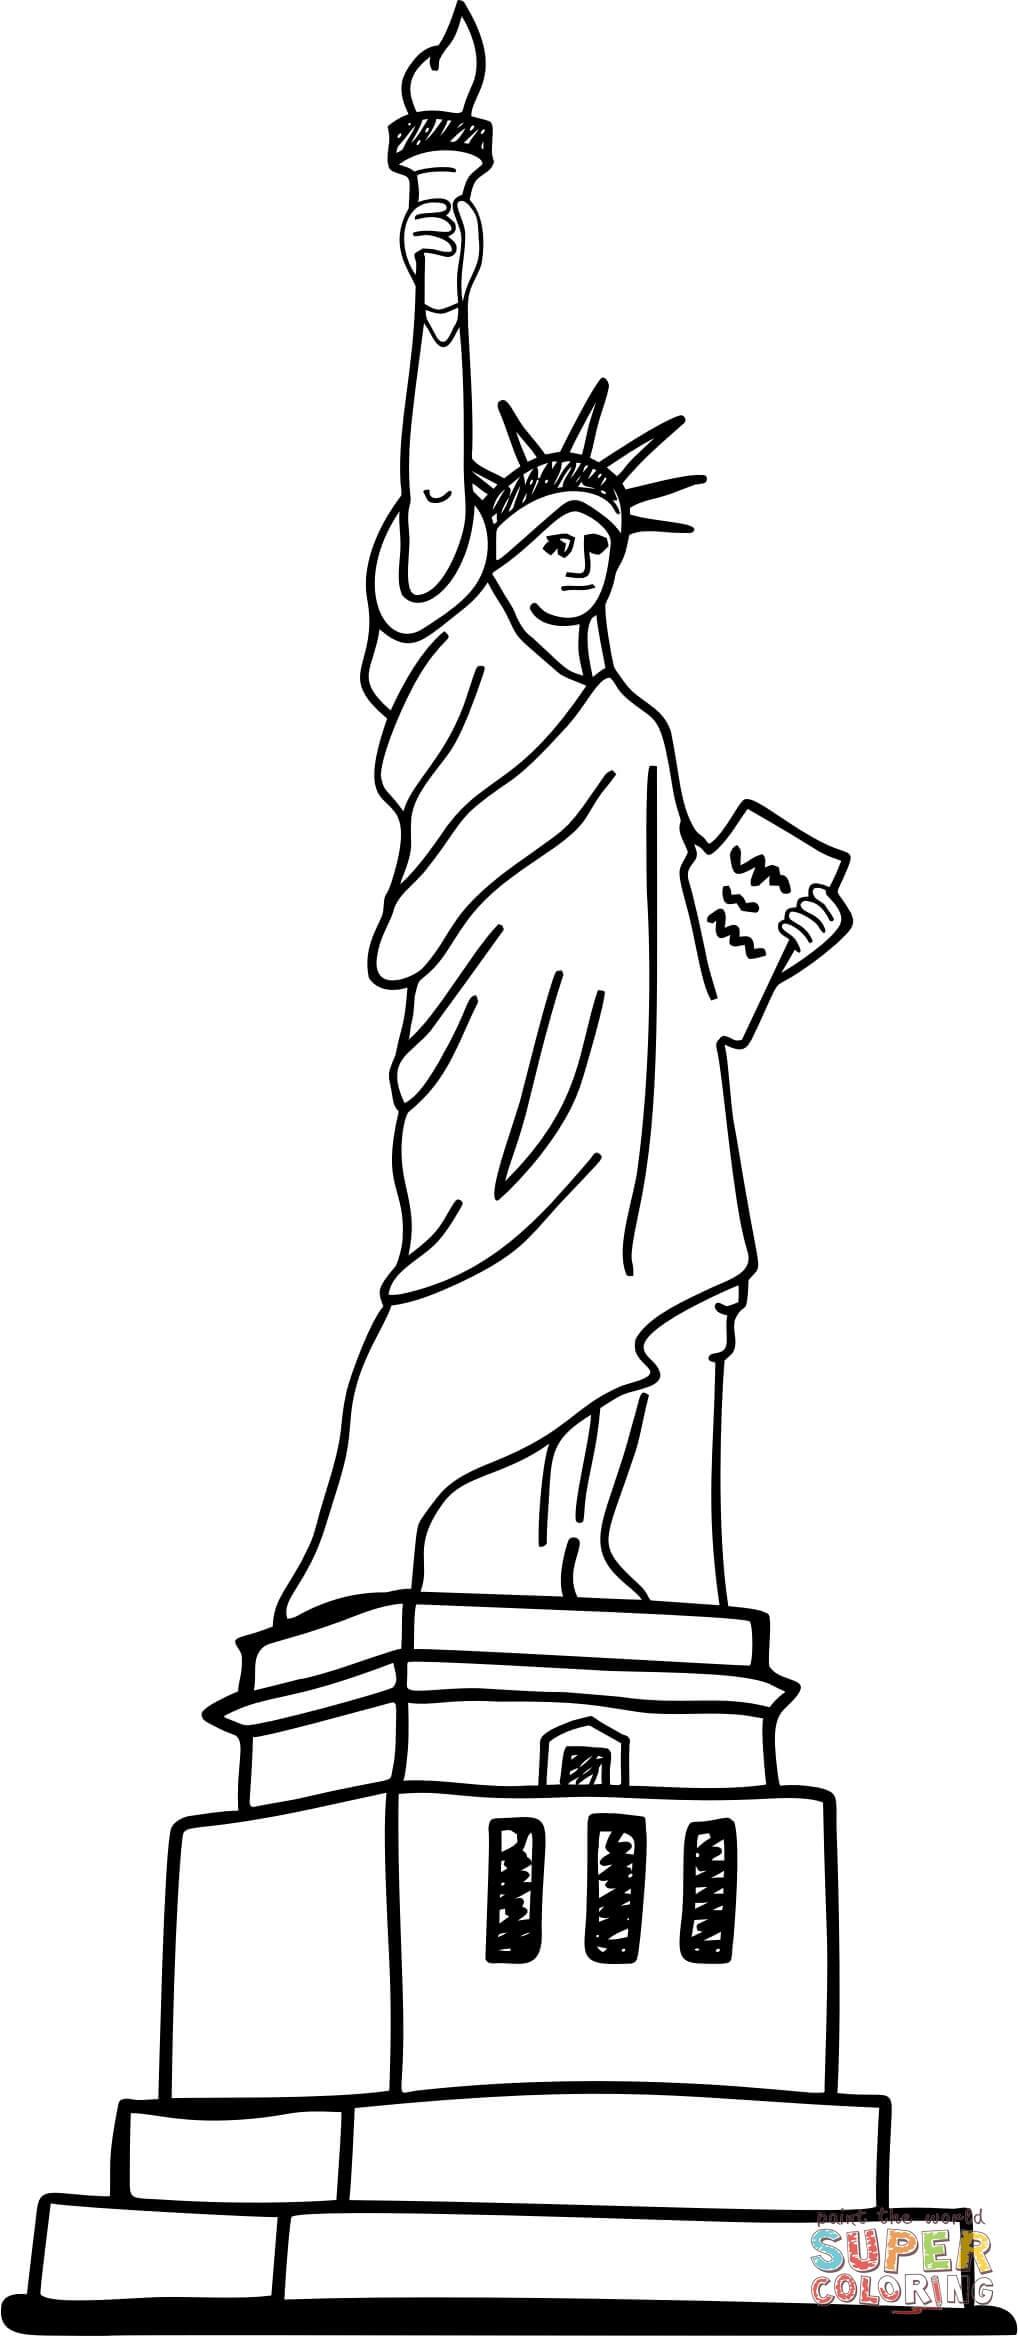 פסל החירות לצביעה